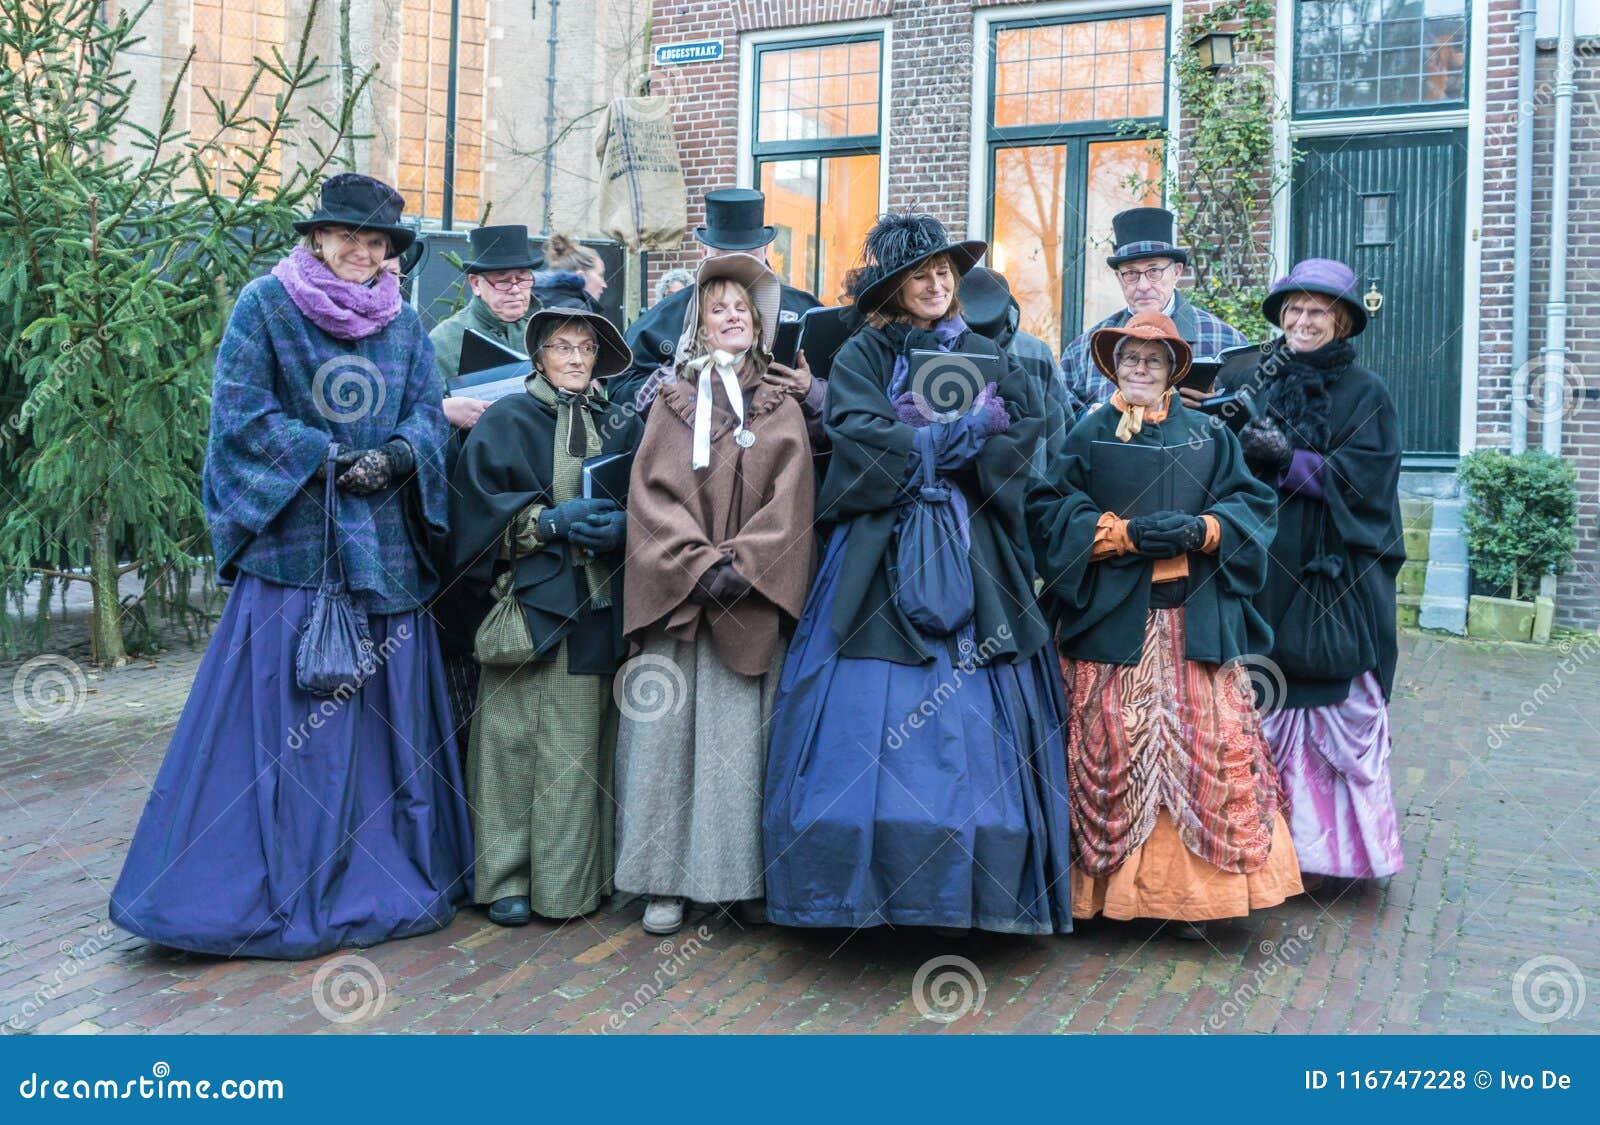 Coro dos atores vestidos que cantam dentro do festival de Dickens